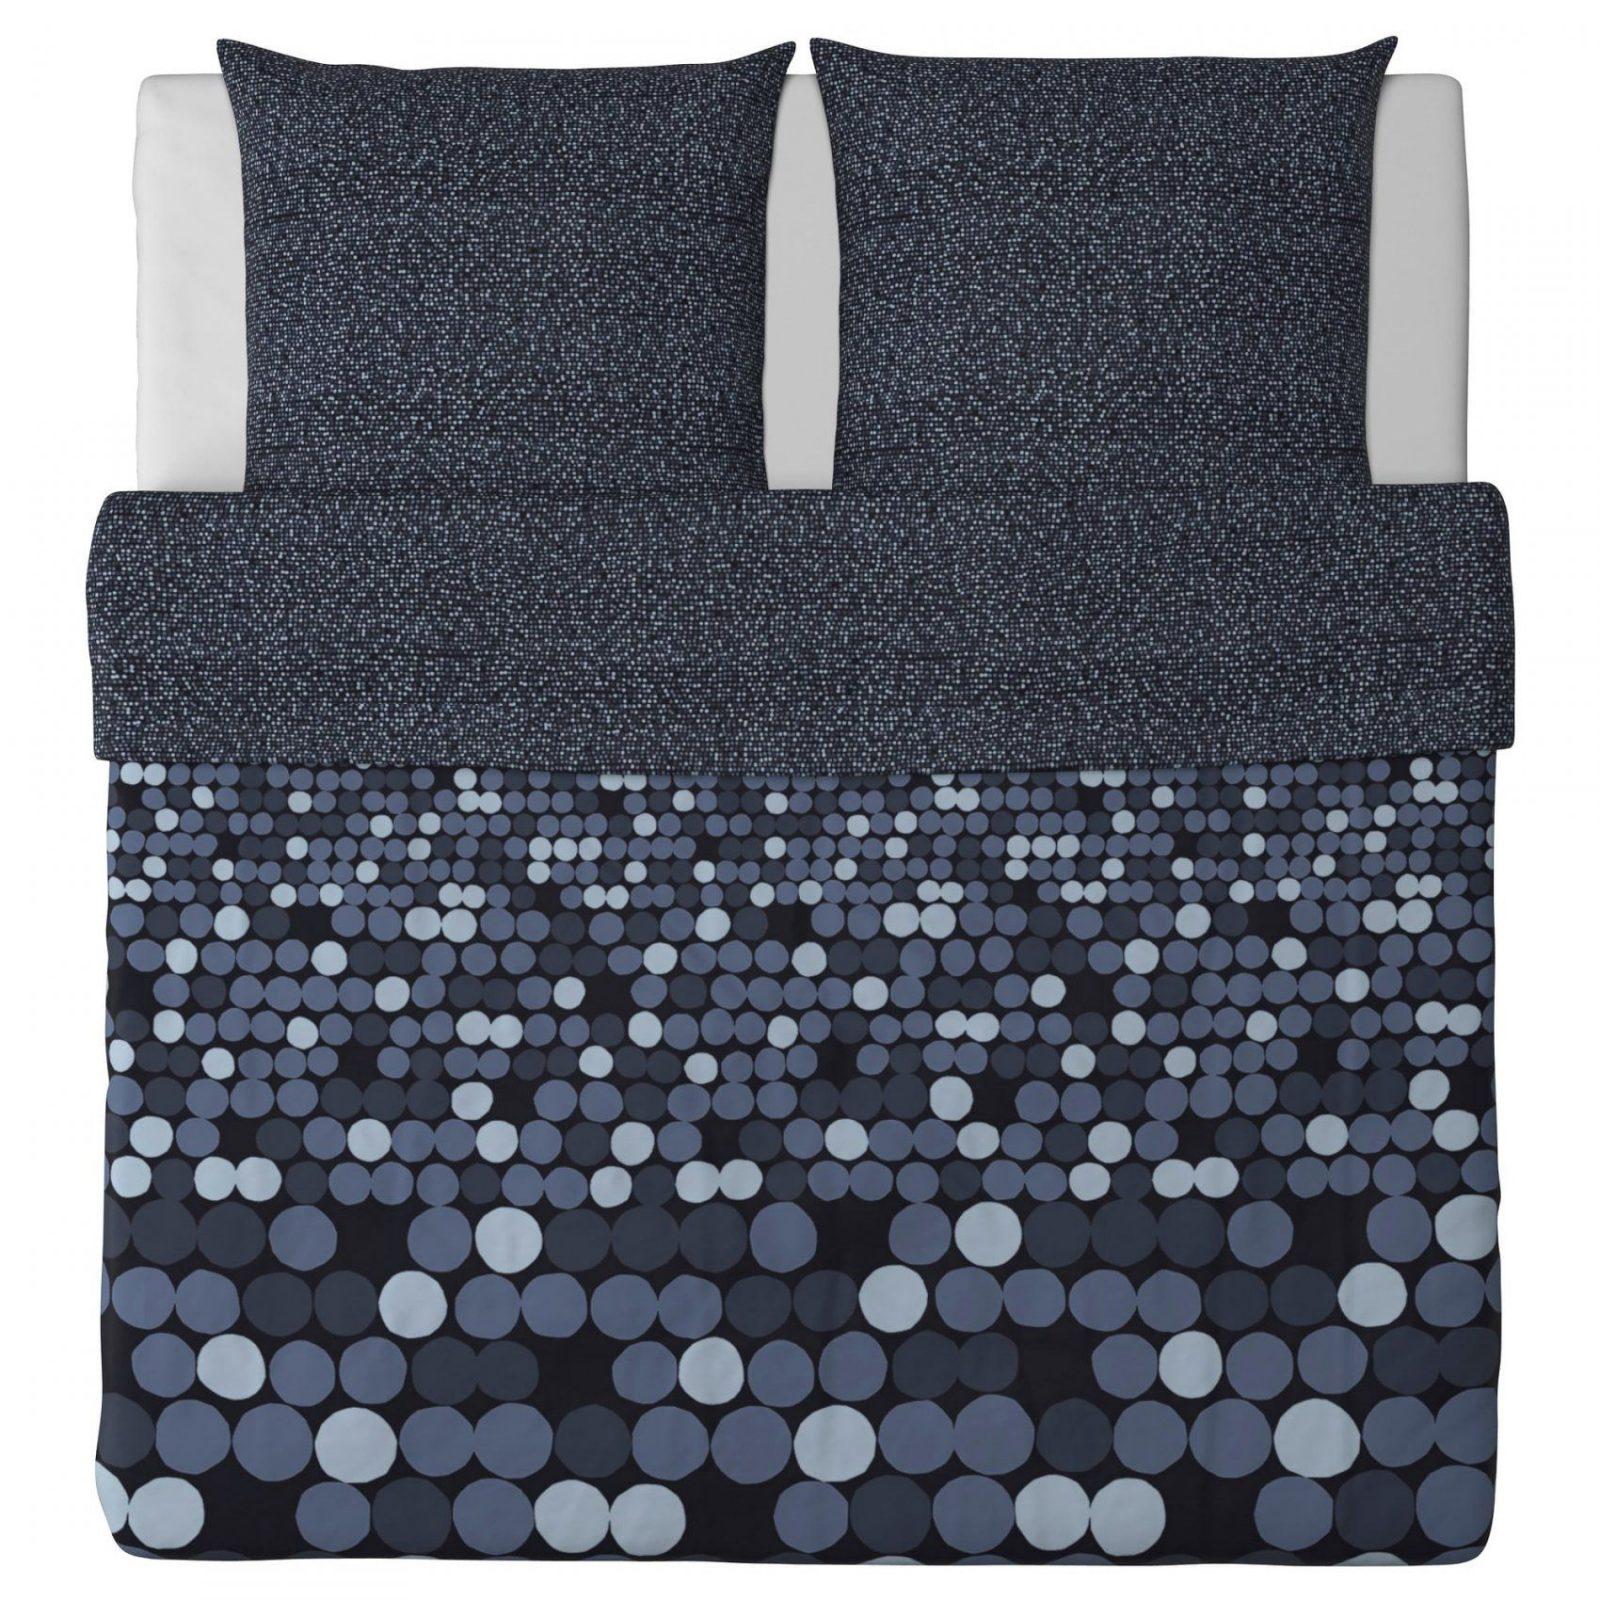 puckdaddy kinderbettw sche mit sterne und punkten. Black Bedroom Furniture Sets. Home Design Ideas